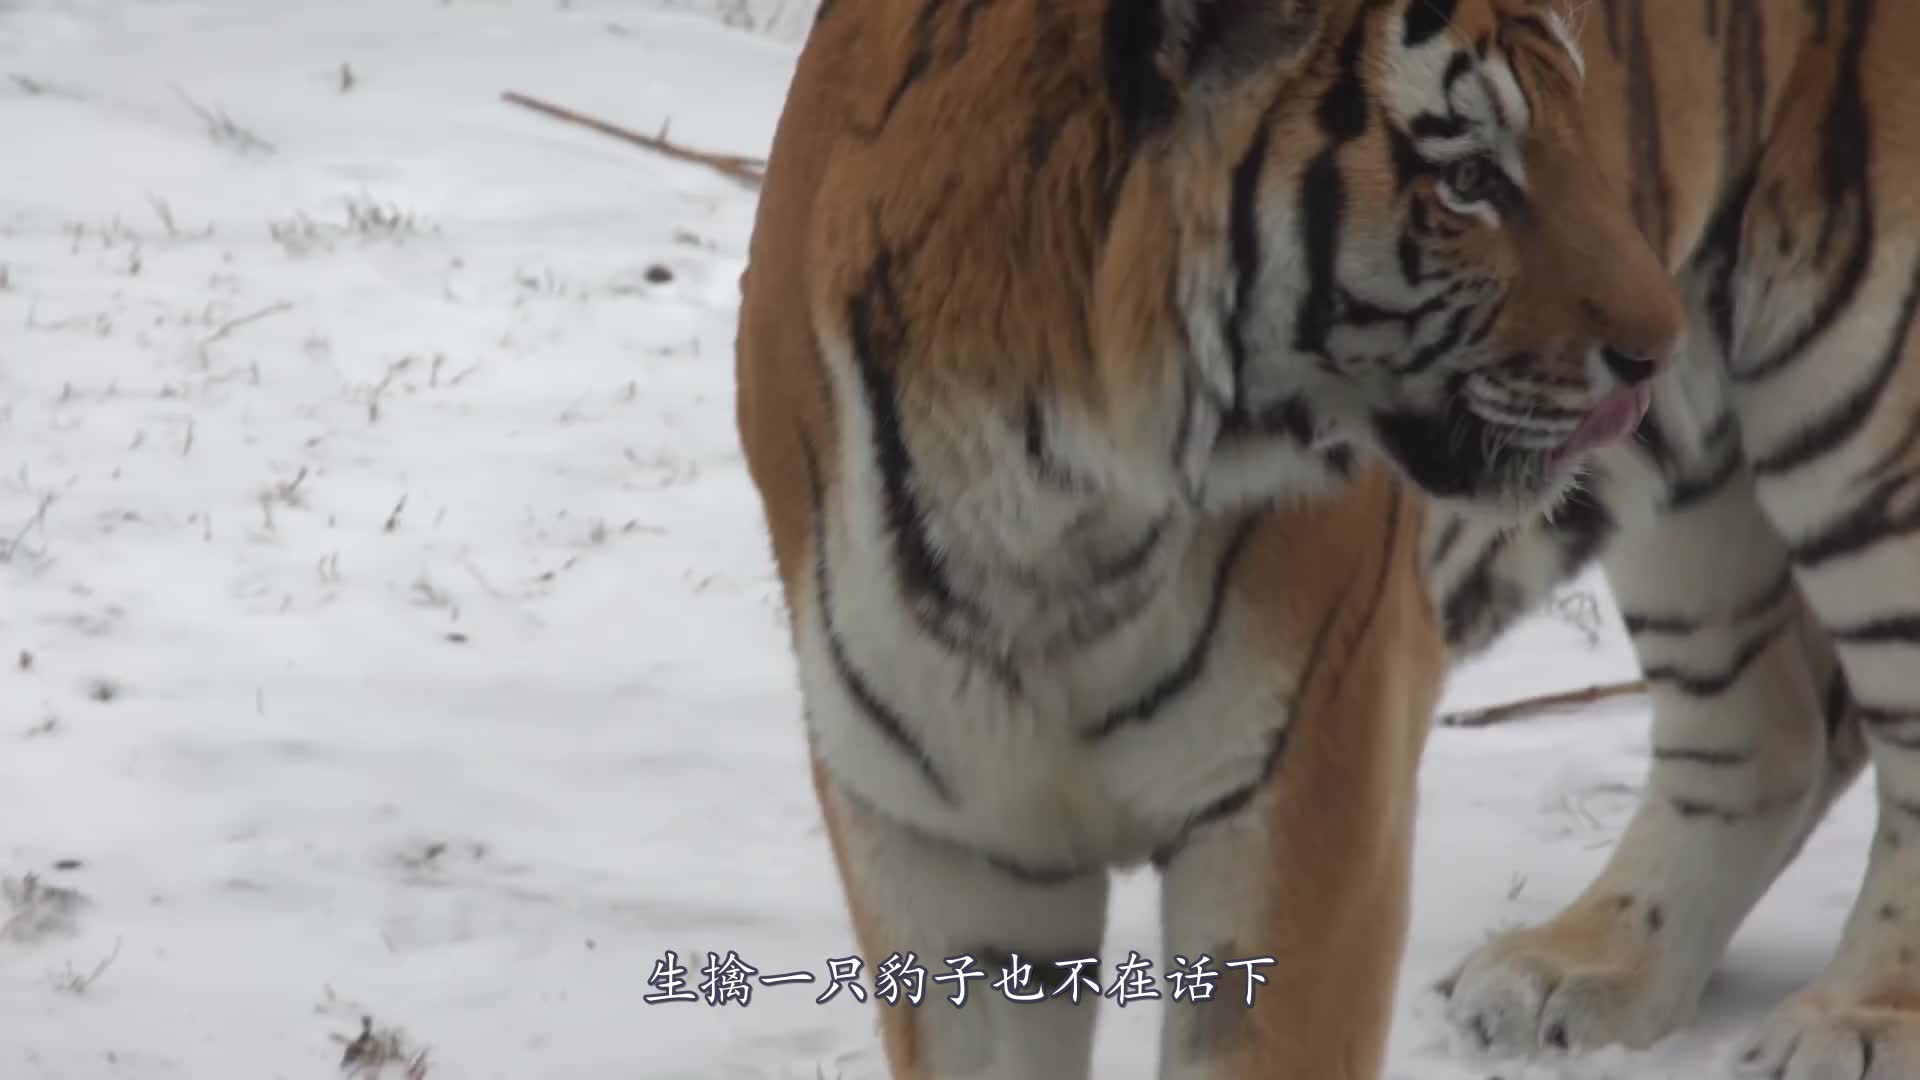 小老虎凶巴巴地想吓唬游客,结果却惹得游客发笑,网友:丢了虎脸